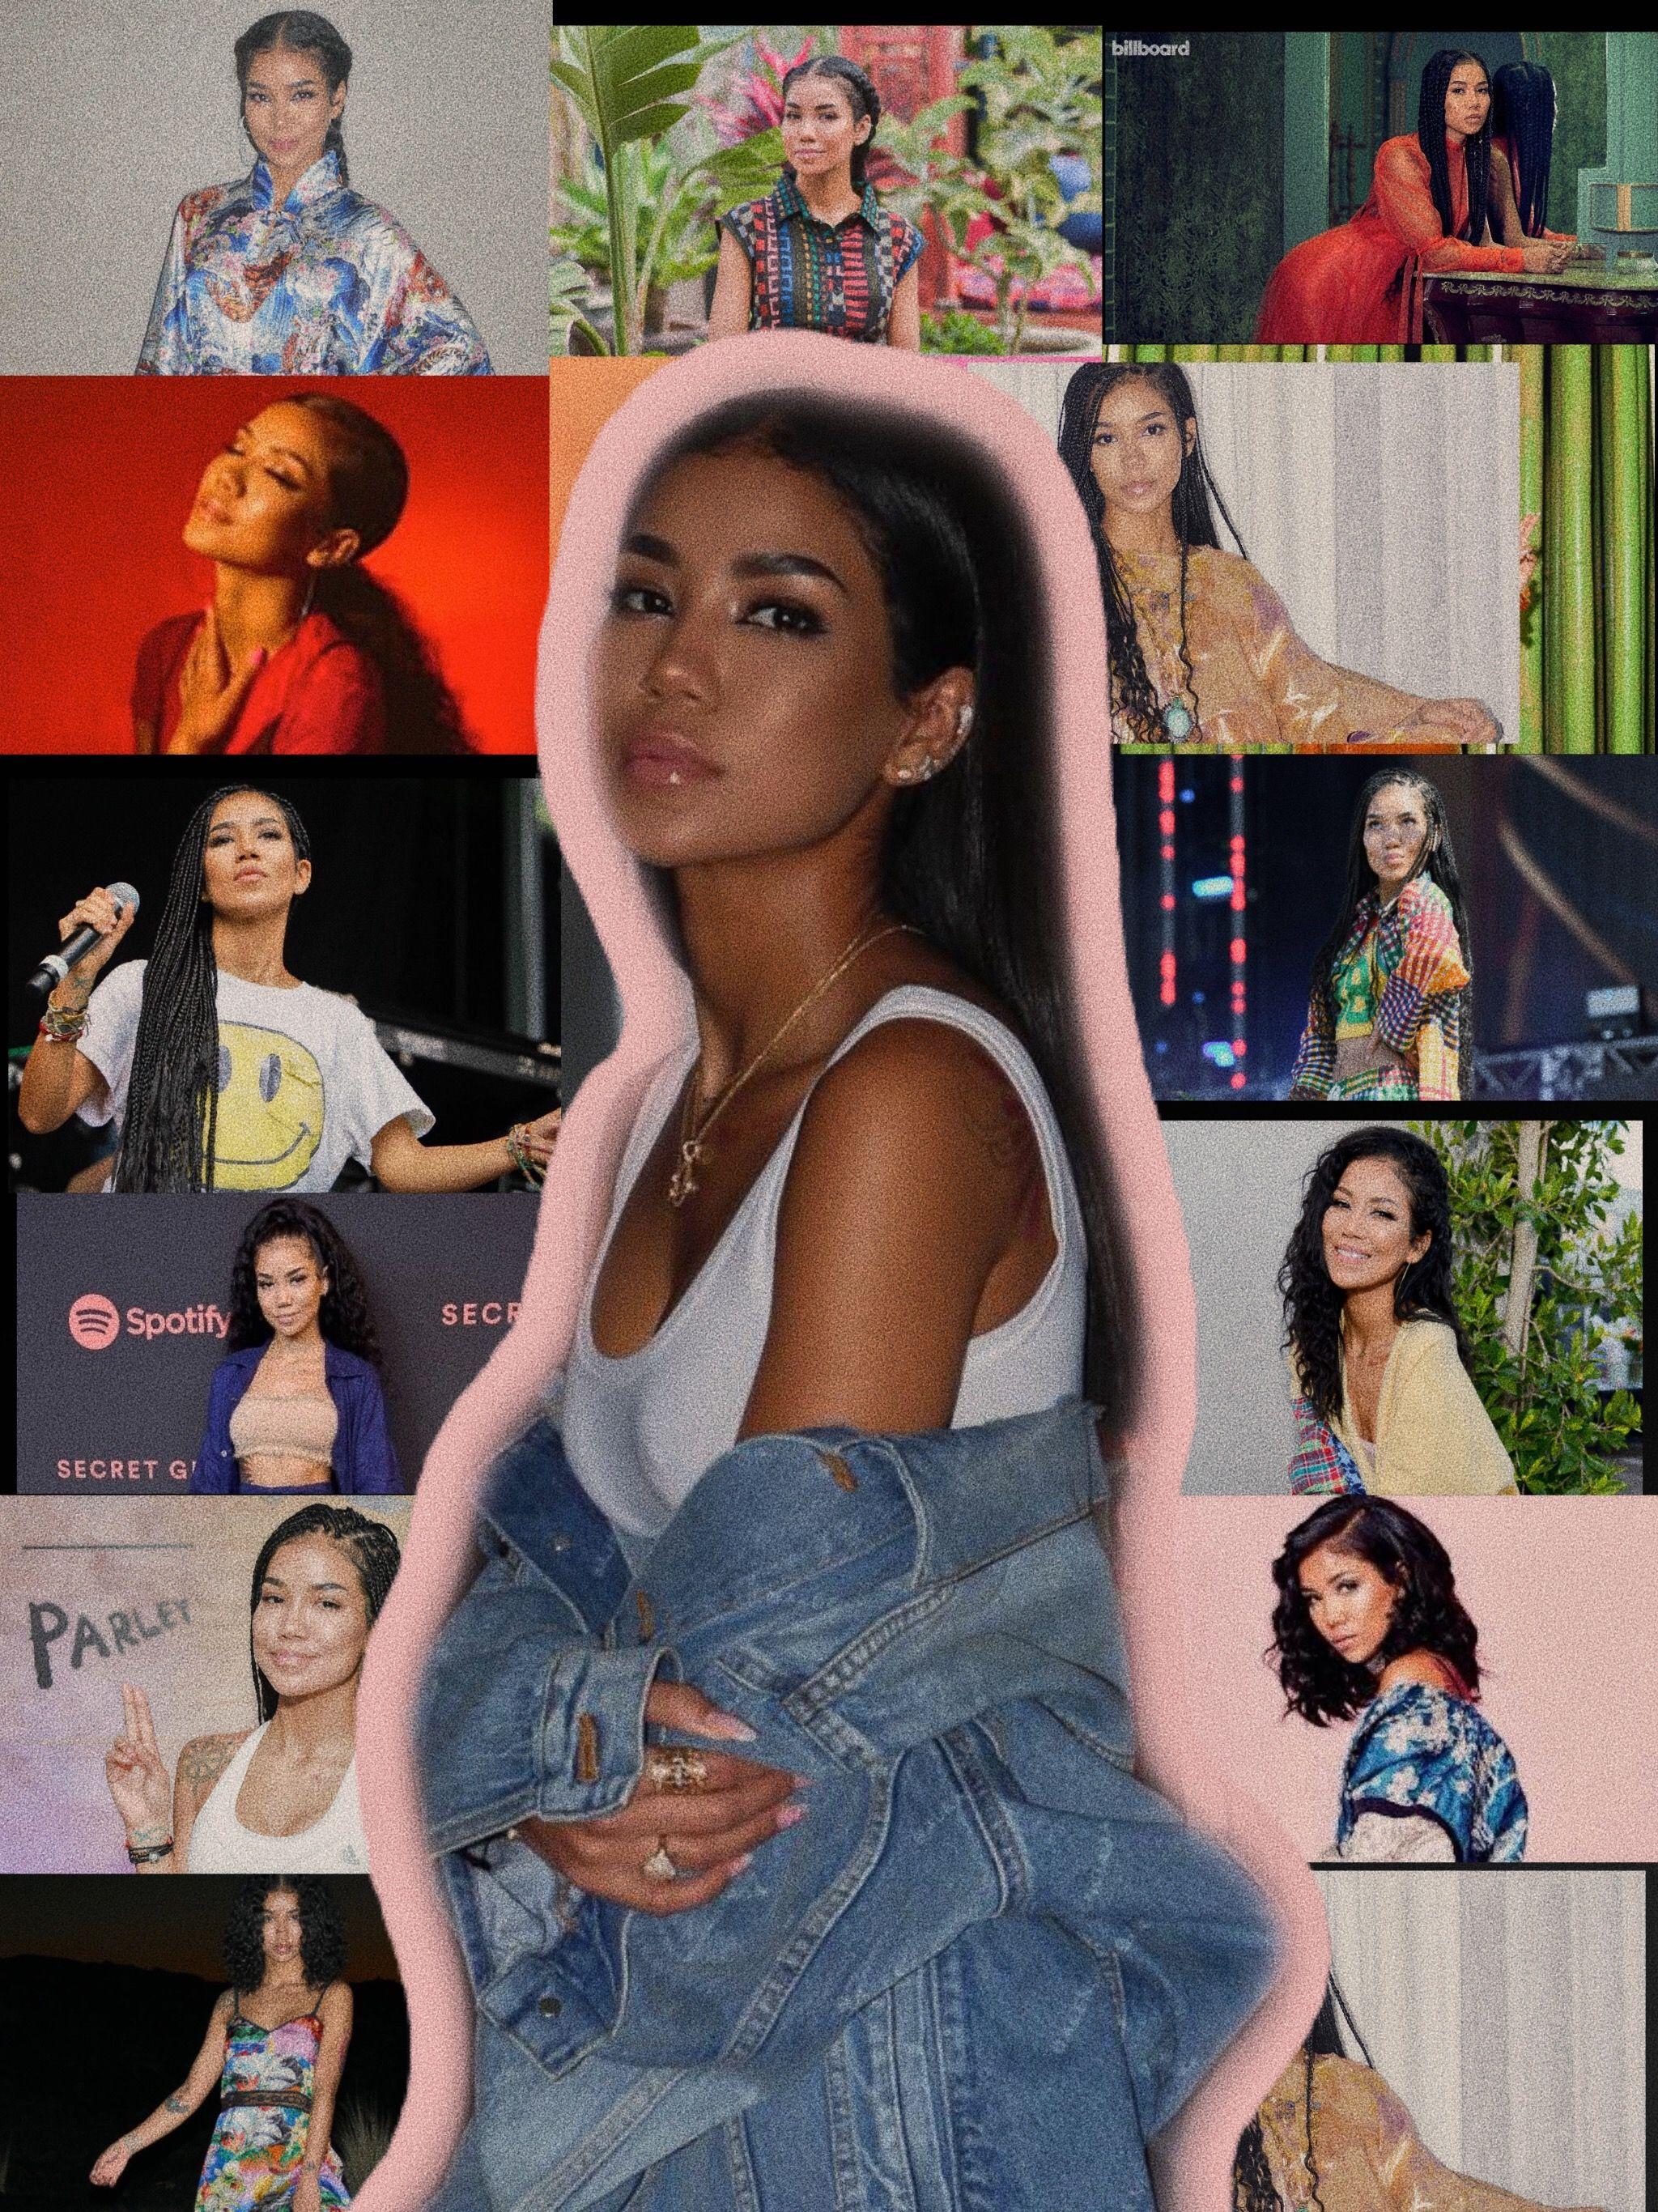 Jhene Aiko Wallpaper Jhene Aiko Rapper Wallpaper Iphone Celebrity Wallpapers